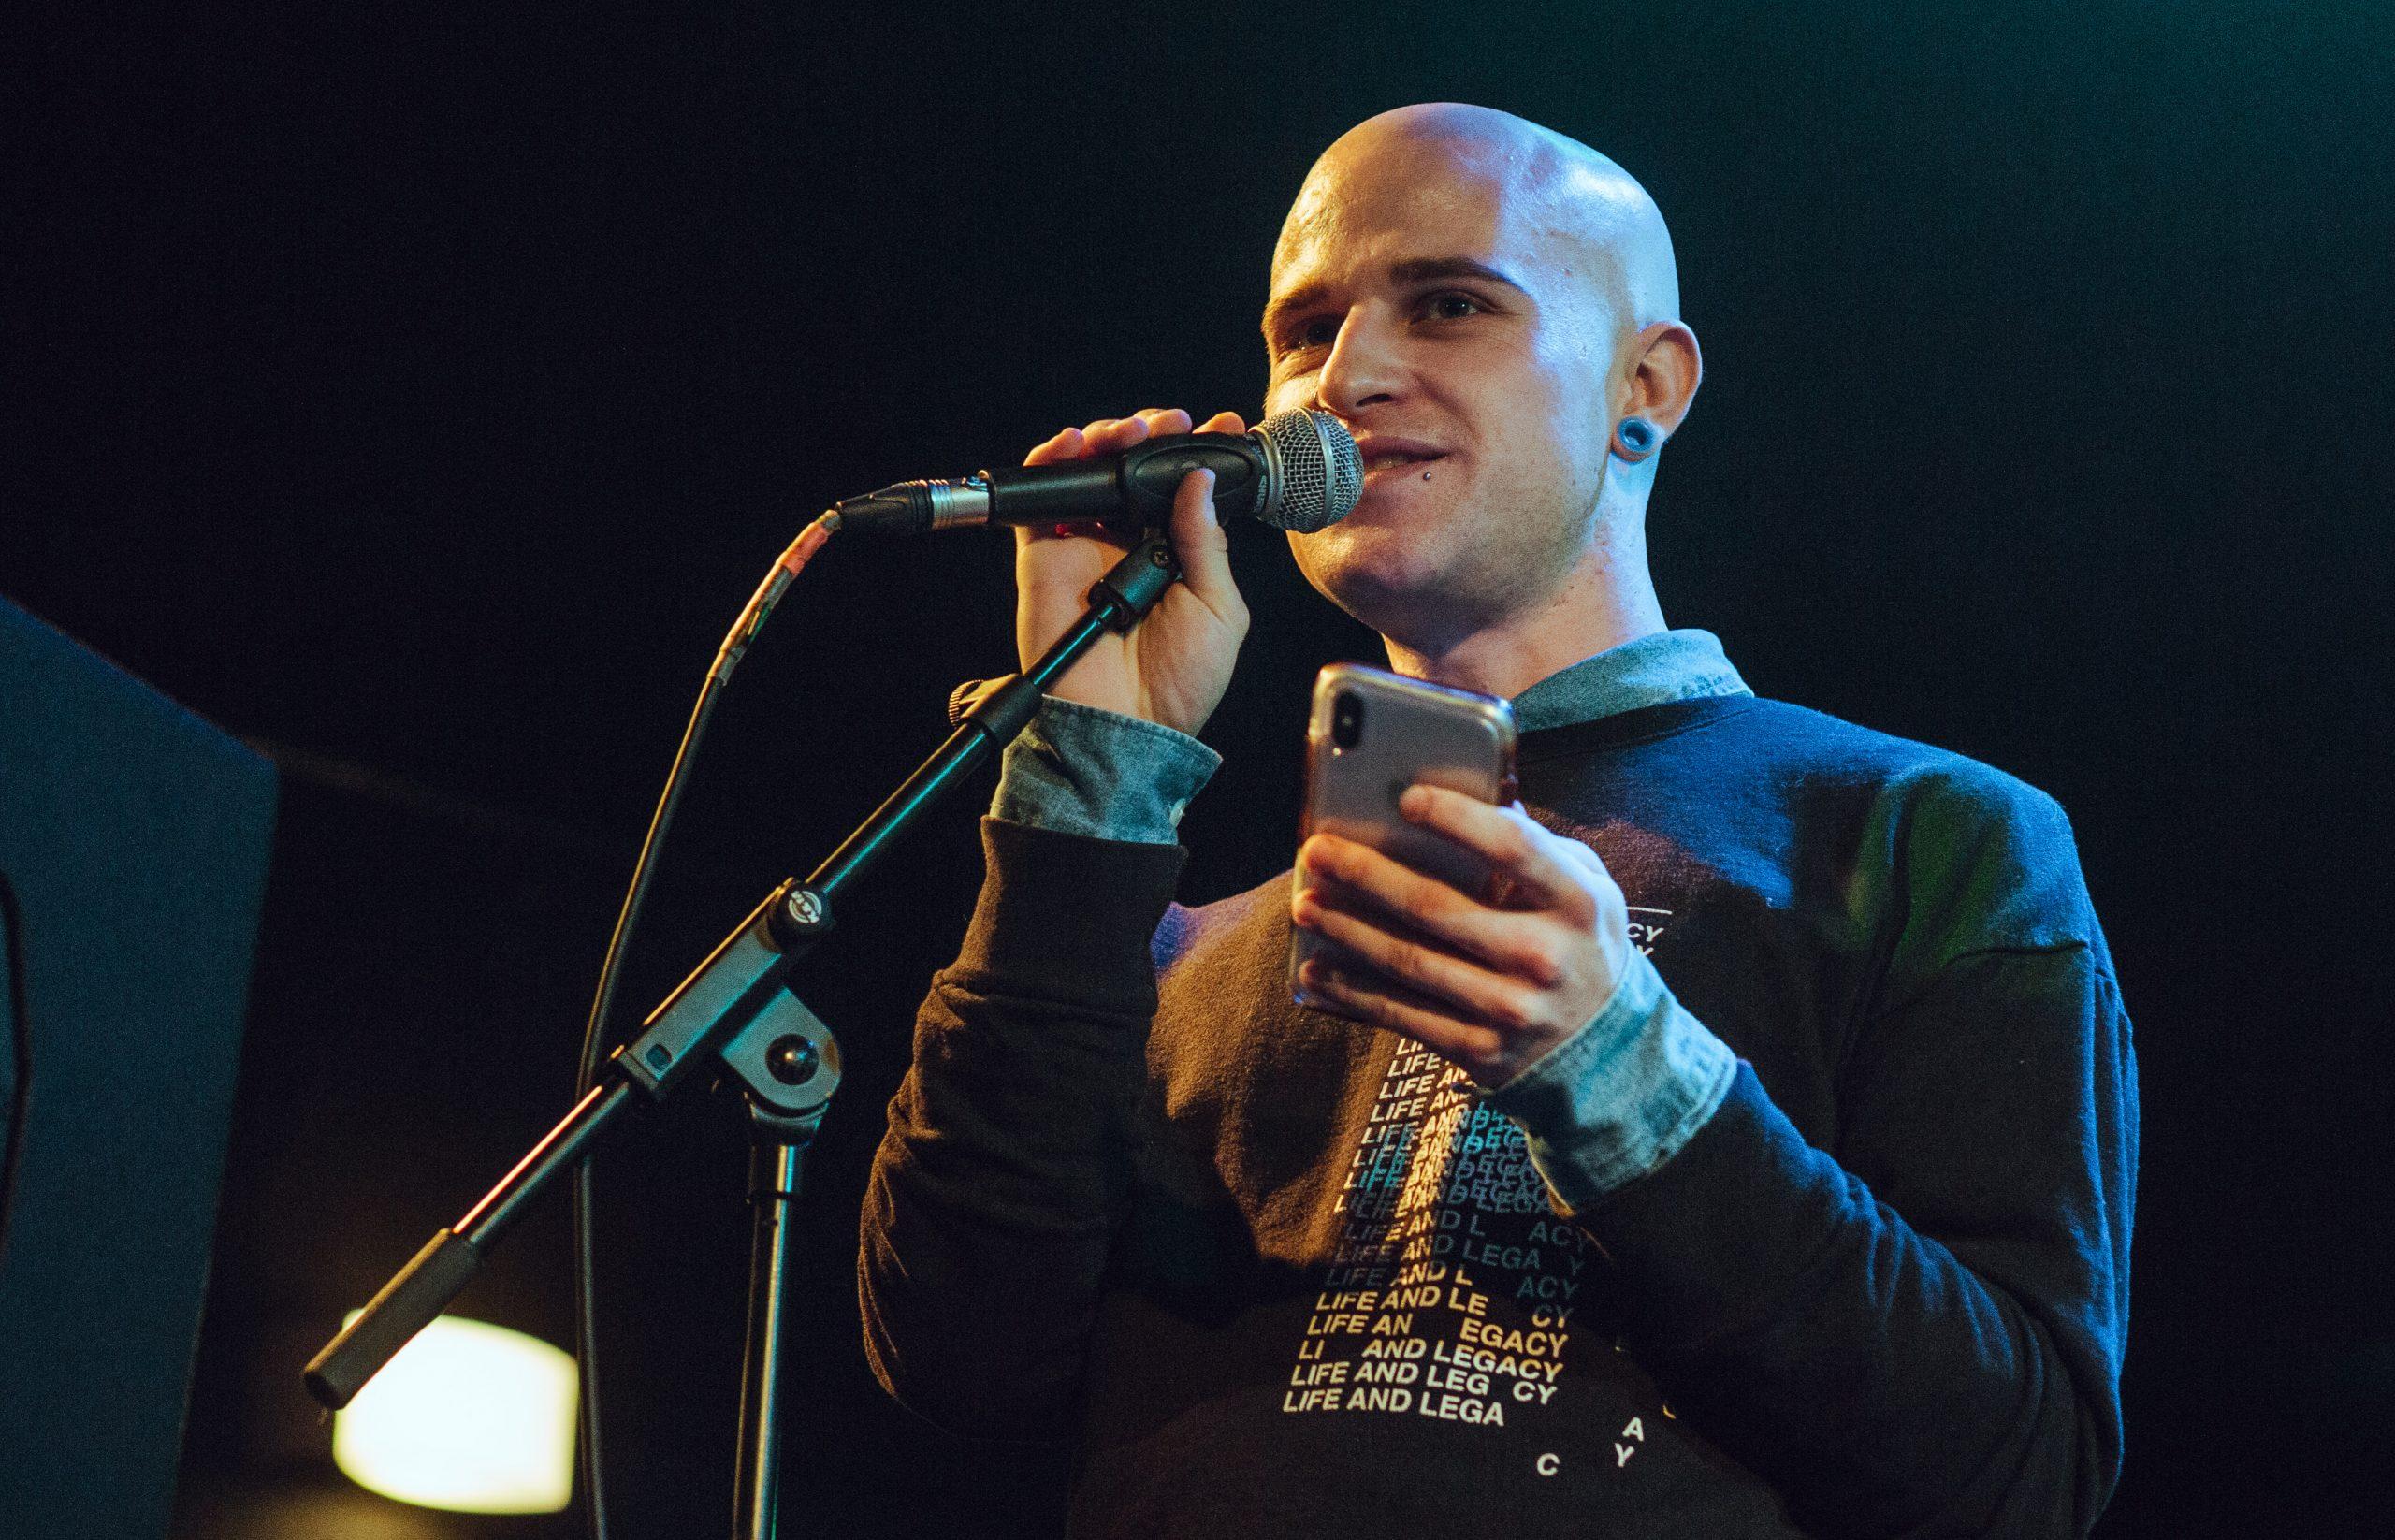 James Crickard, First Fortnight, Kino, Cork, 11-01-20-2